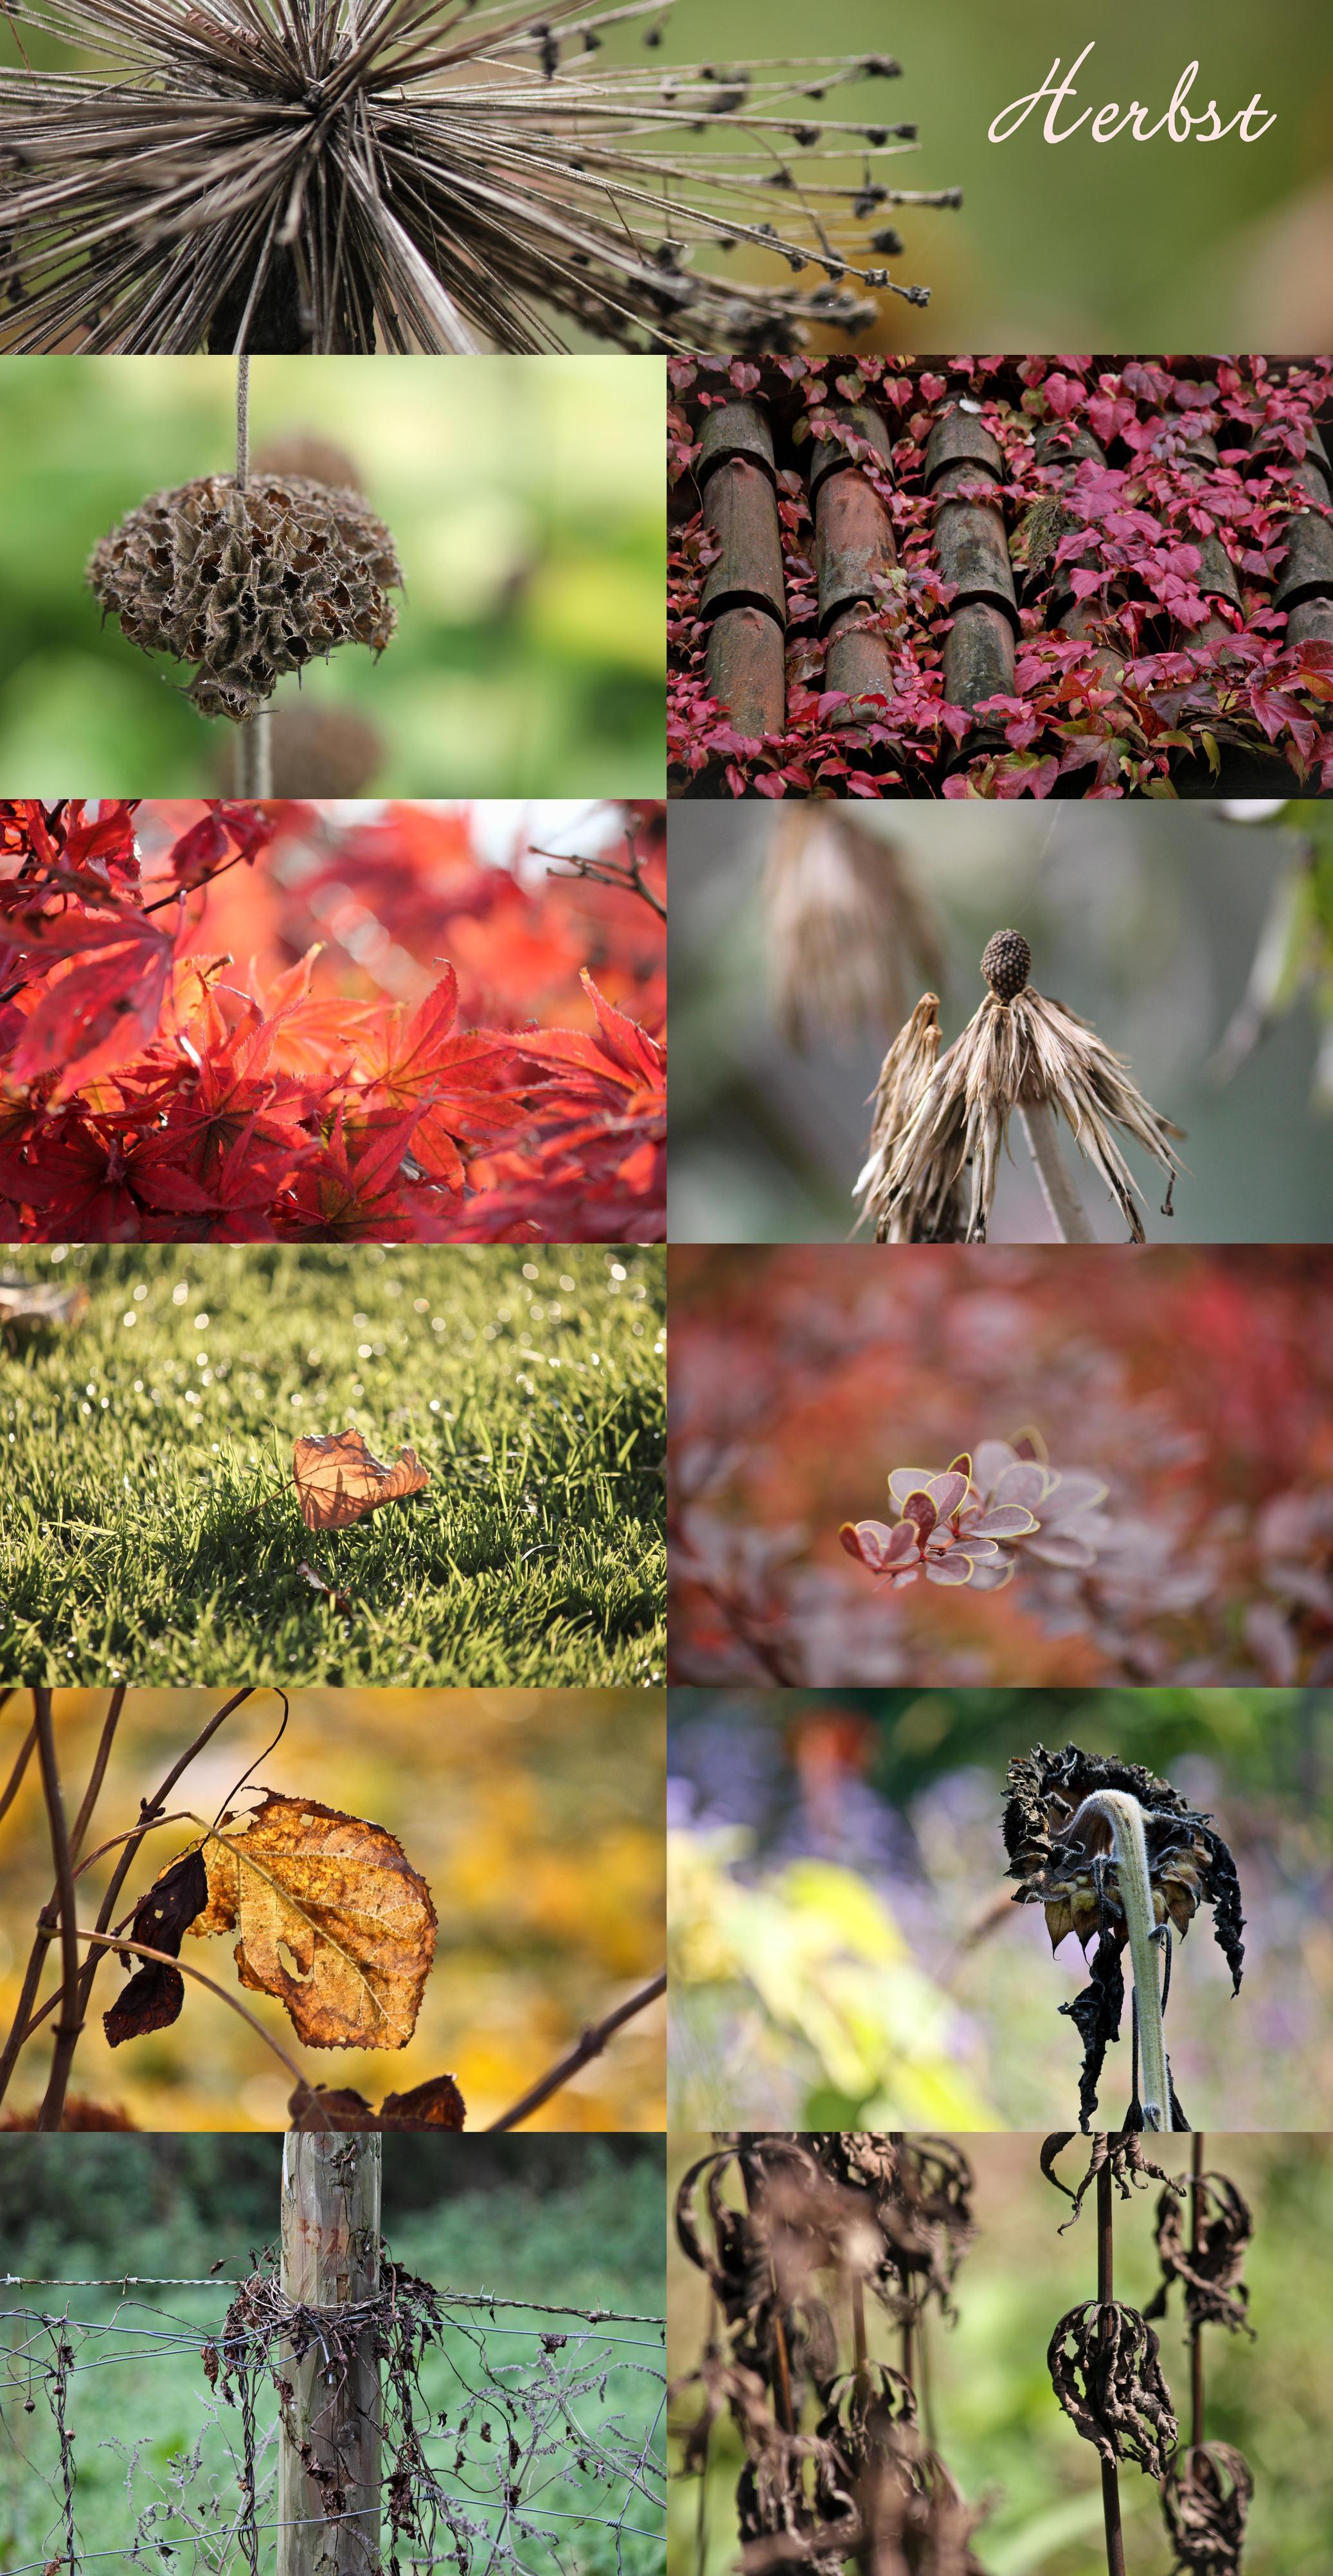 03 Herbst